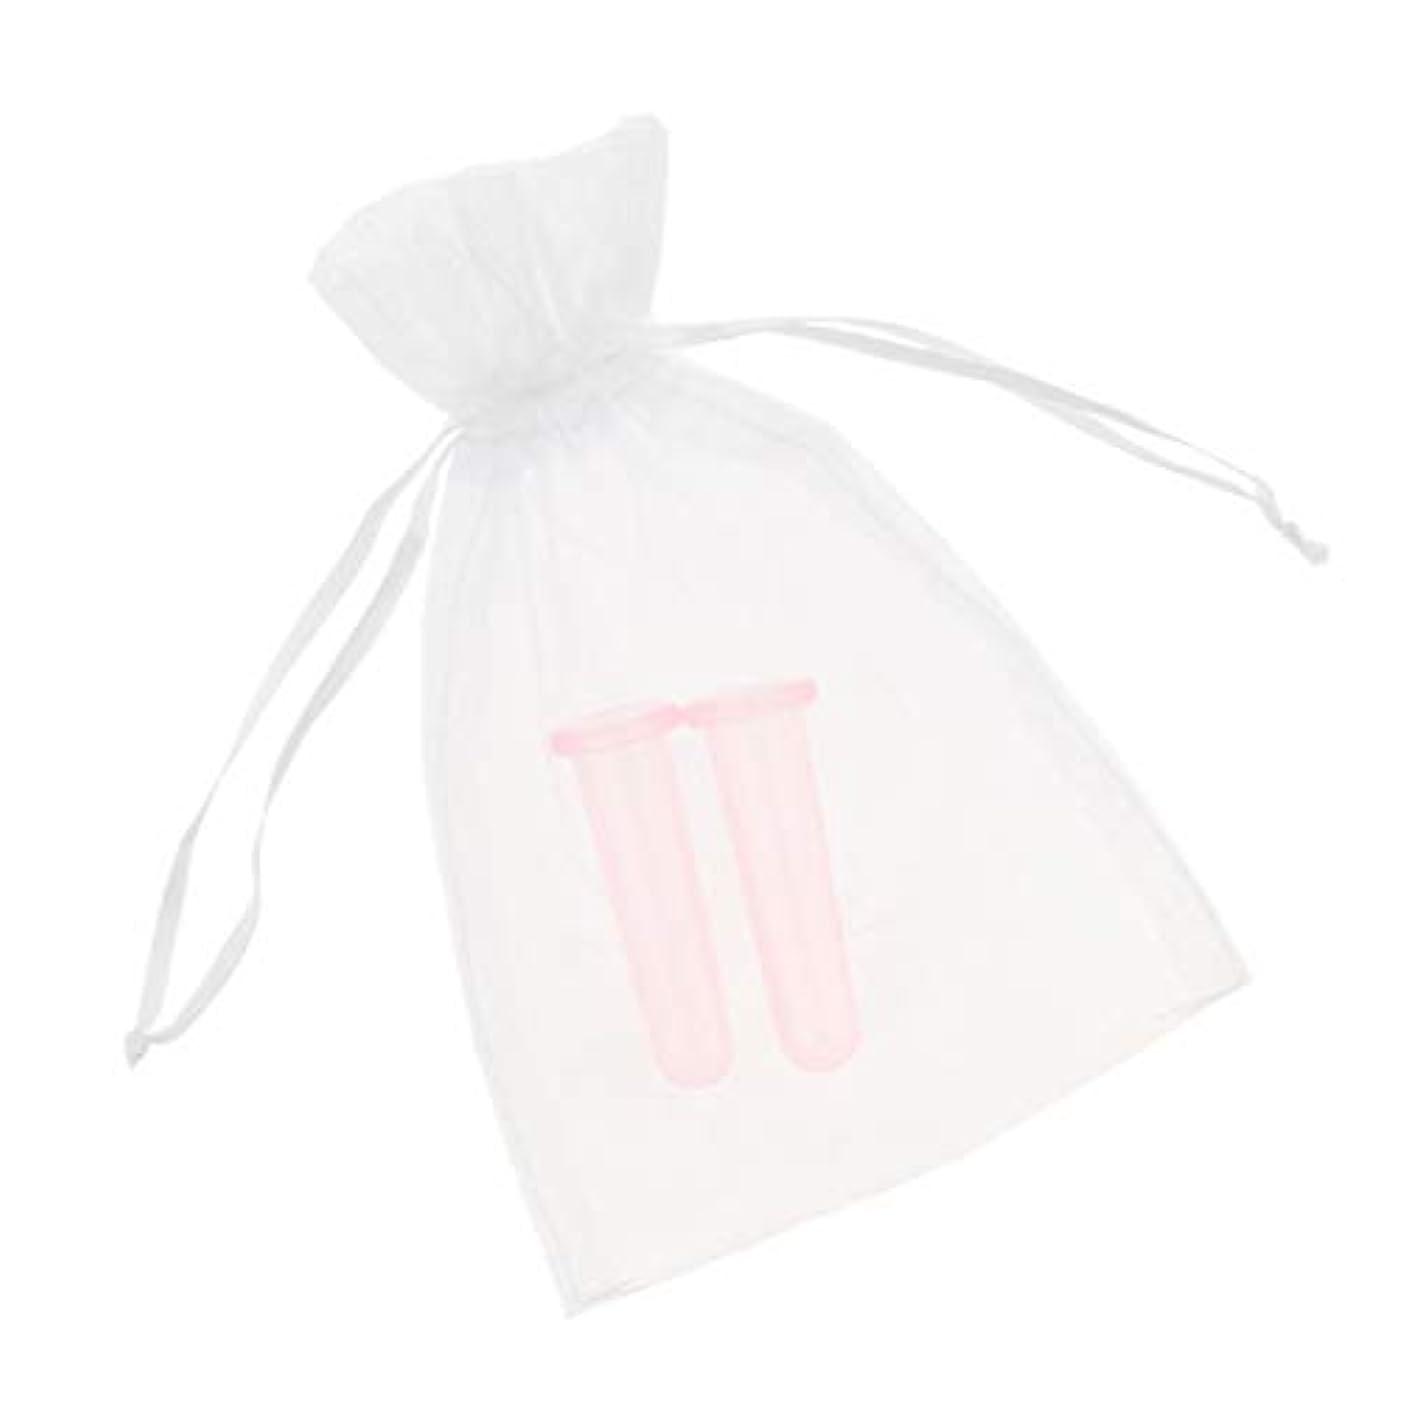 流す織る記念碑的な2個 真空顔用 シリコーン マッサージカップ 吸い玉 マッサージ カッピング 収納ポーチ付き 全2色 - ピンク